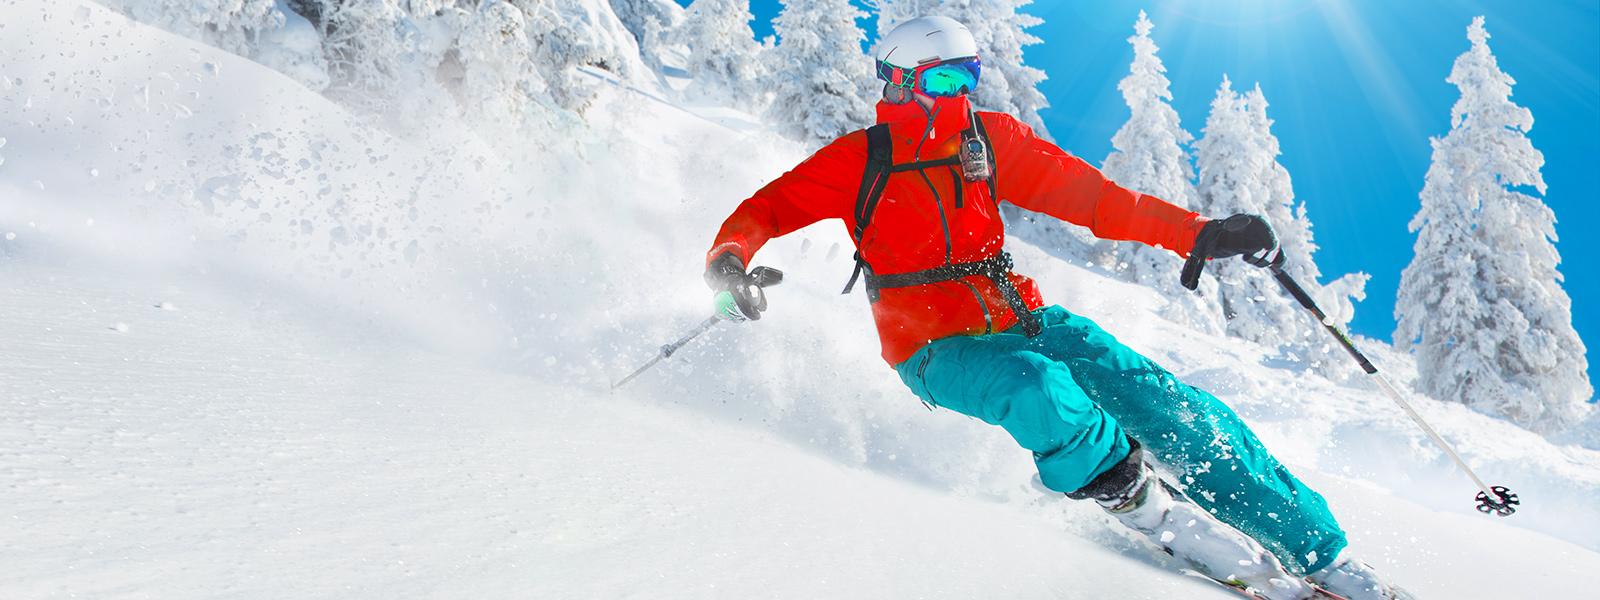 Sciare a Cortina d'Ampezzo